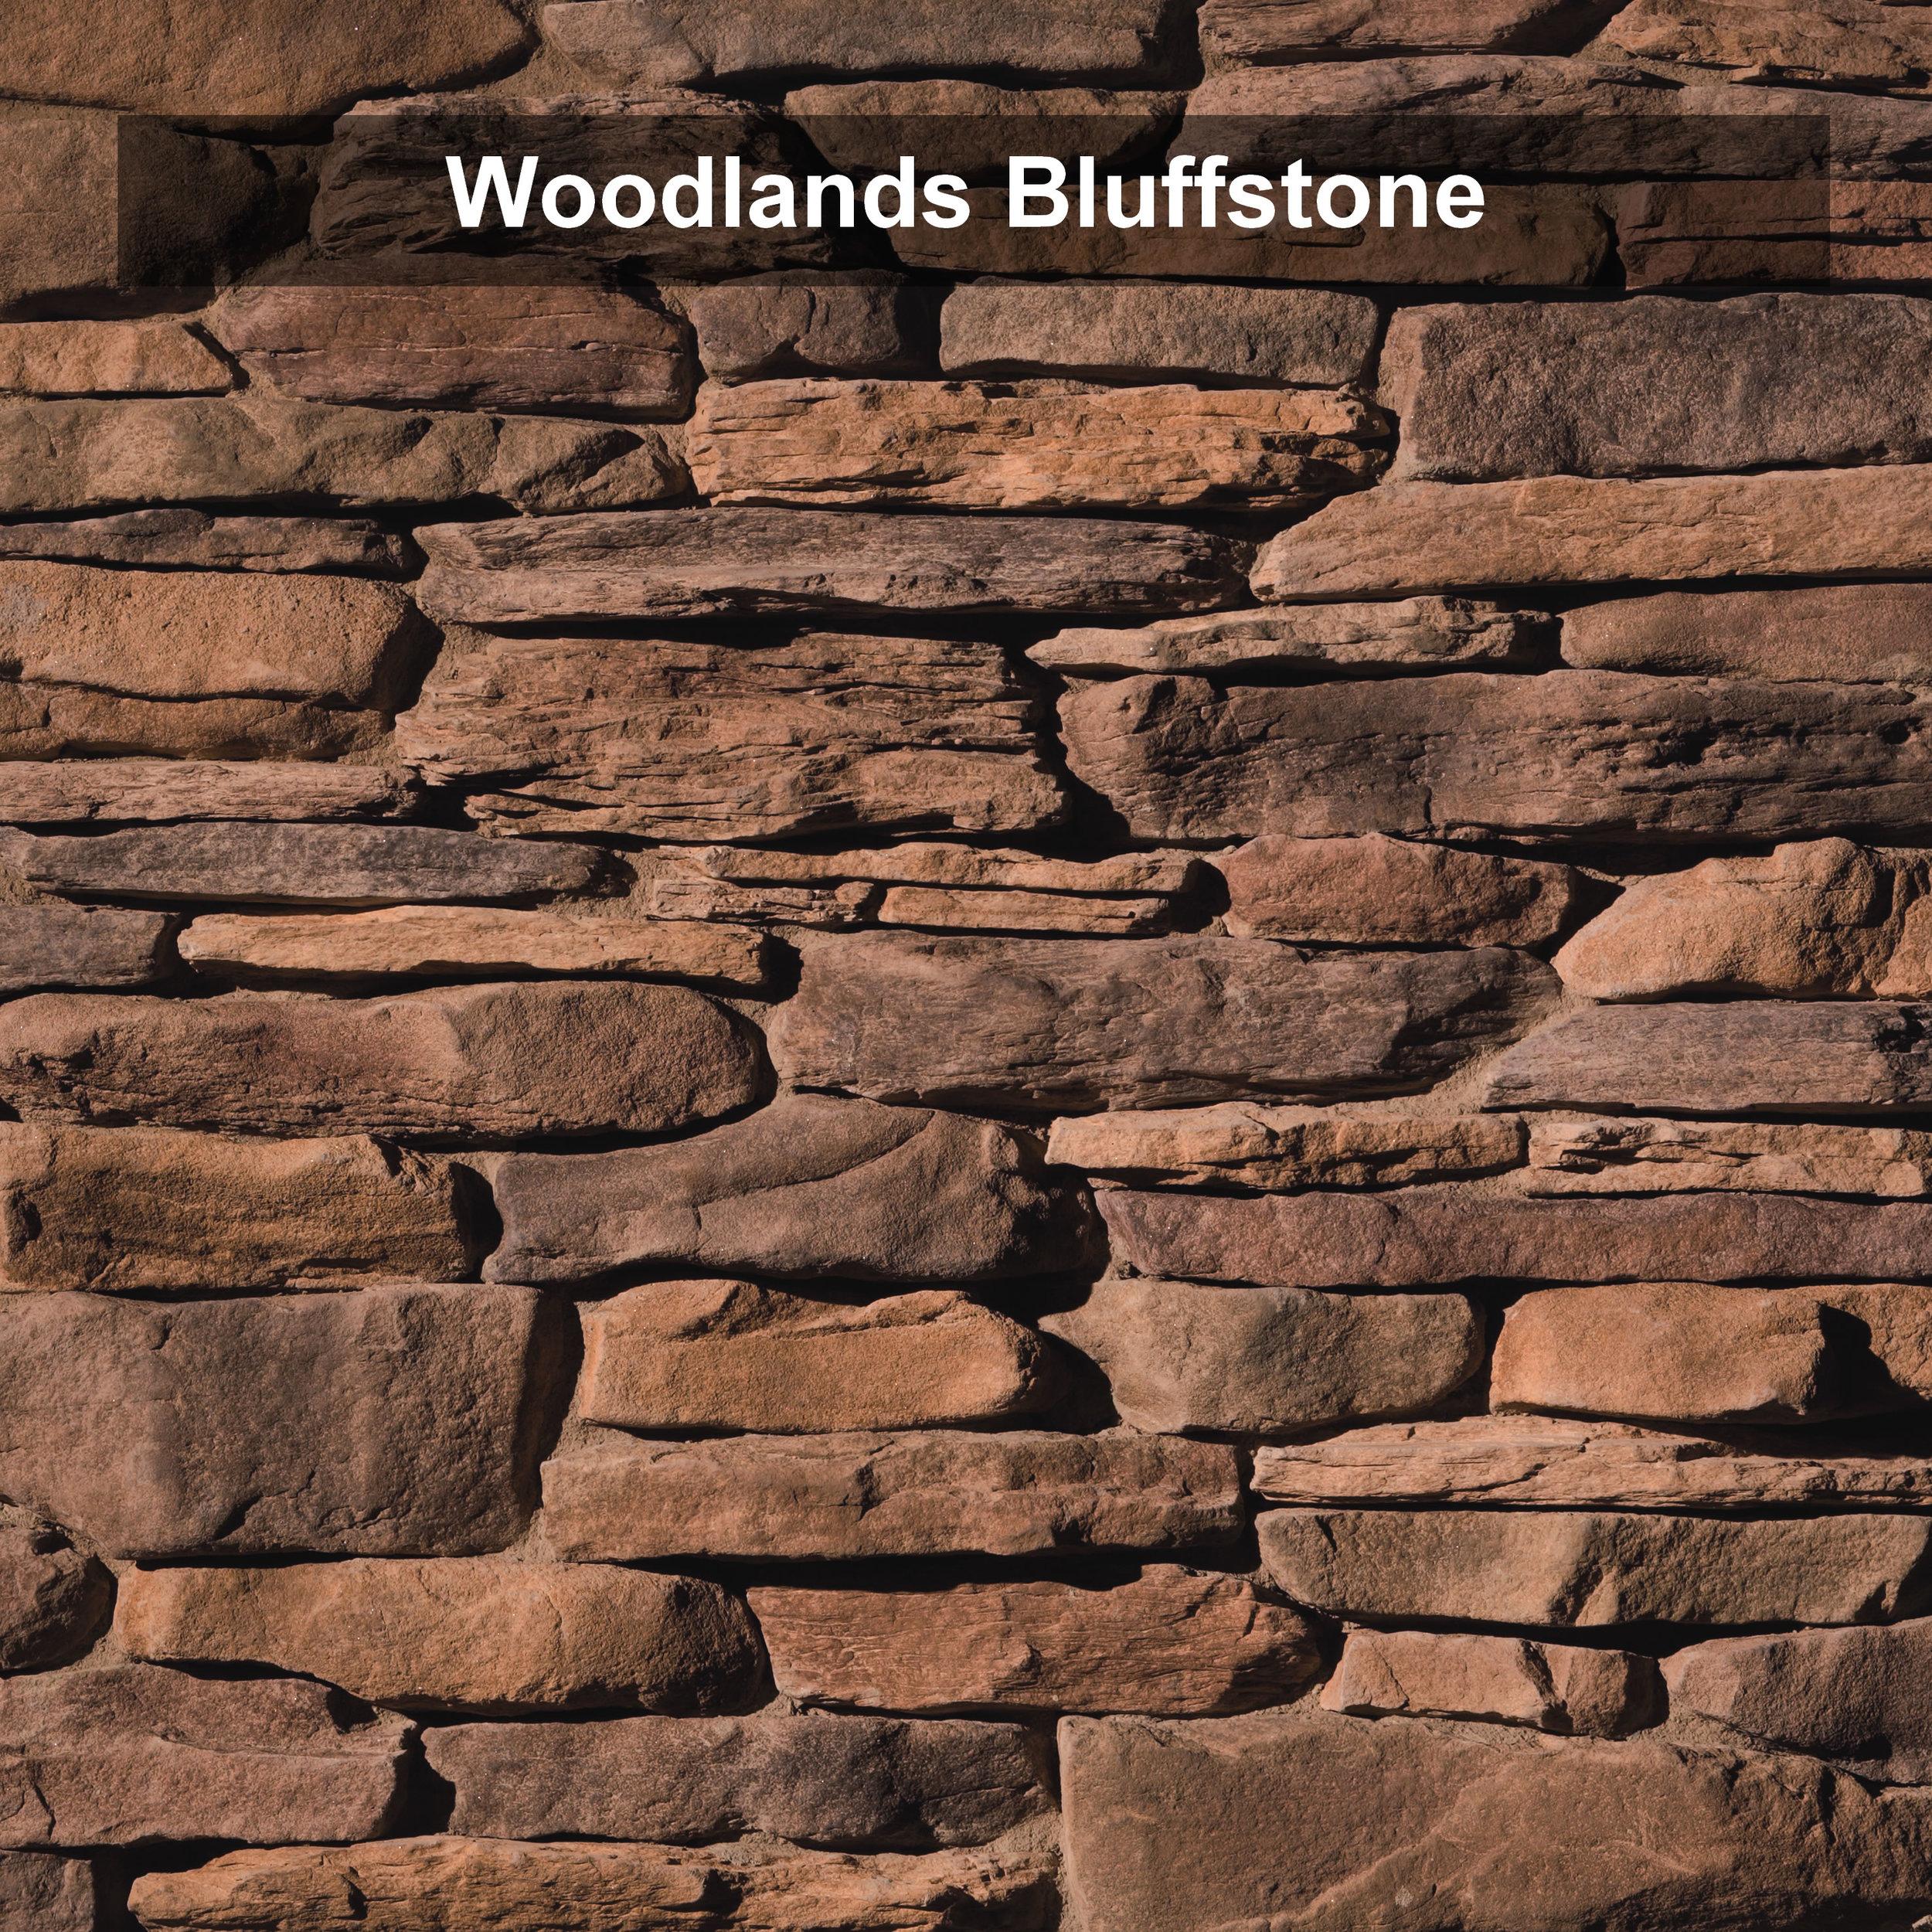 ES_Bluffstone_Woodlands_profile_east.jpg